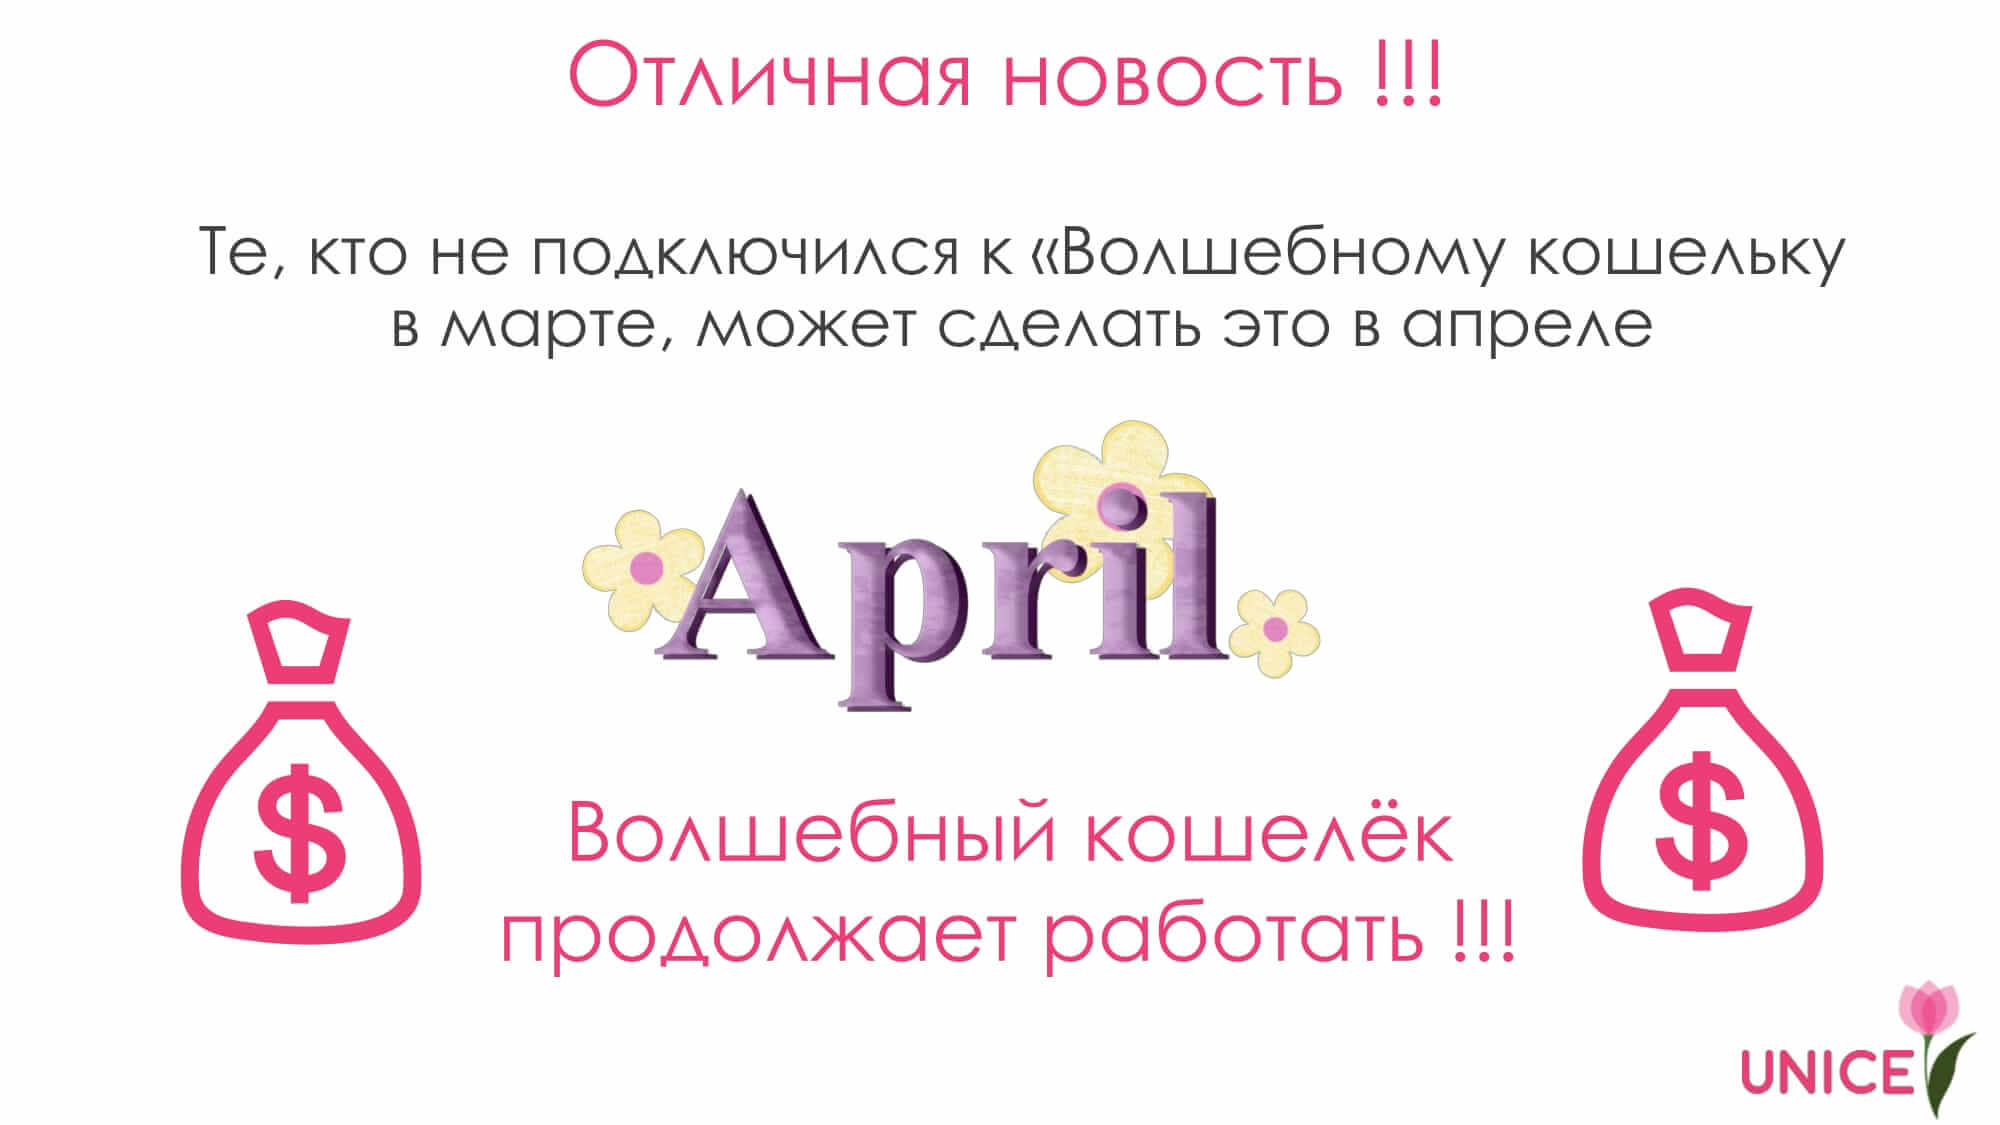 Программа поддержки Апрель 2017 - Волшебный кошелек